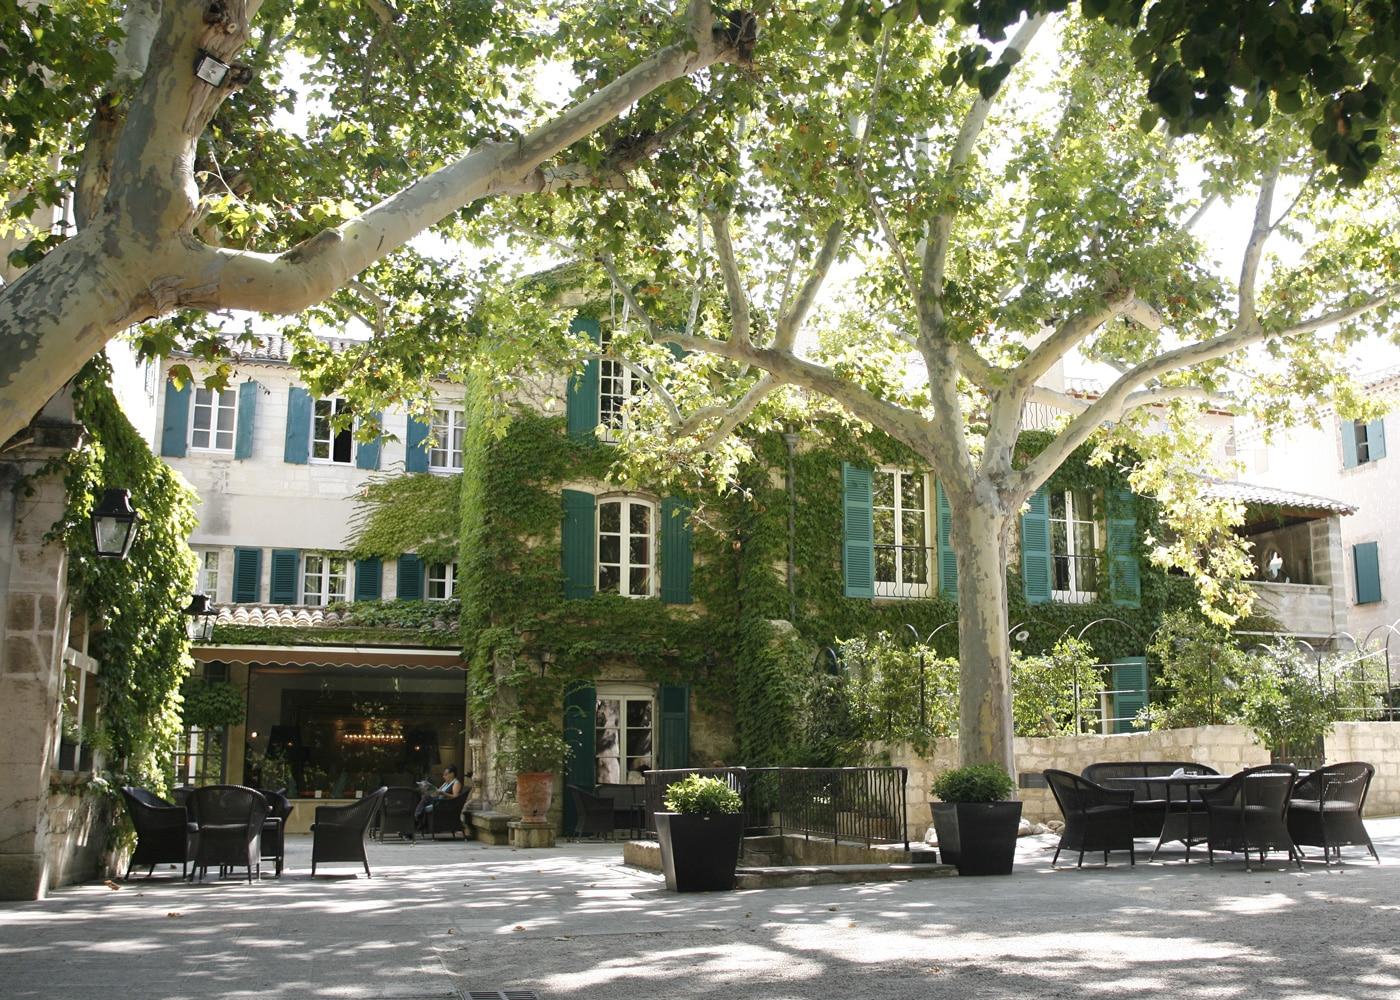 deconfinez-moi-ici-#6-Le-Prieure-Baumaniere-batisse-arbres